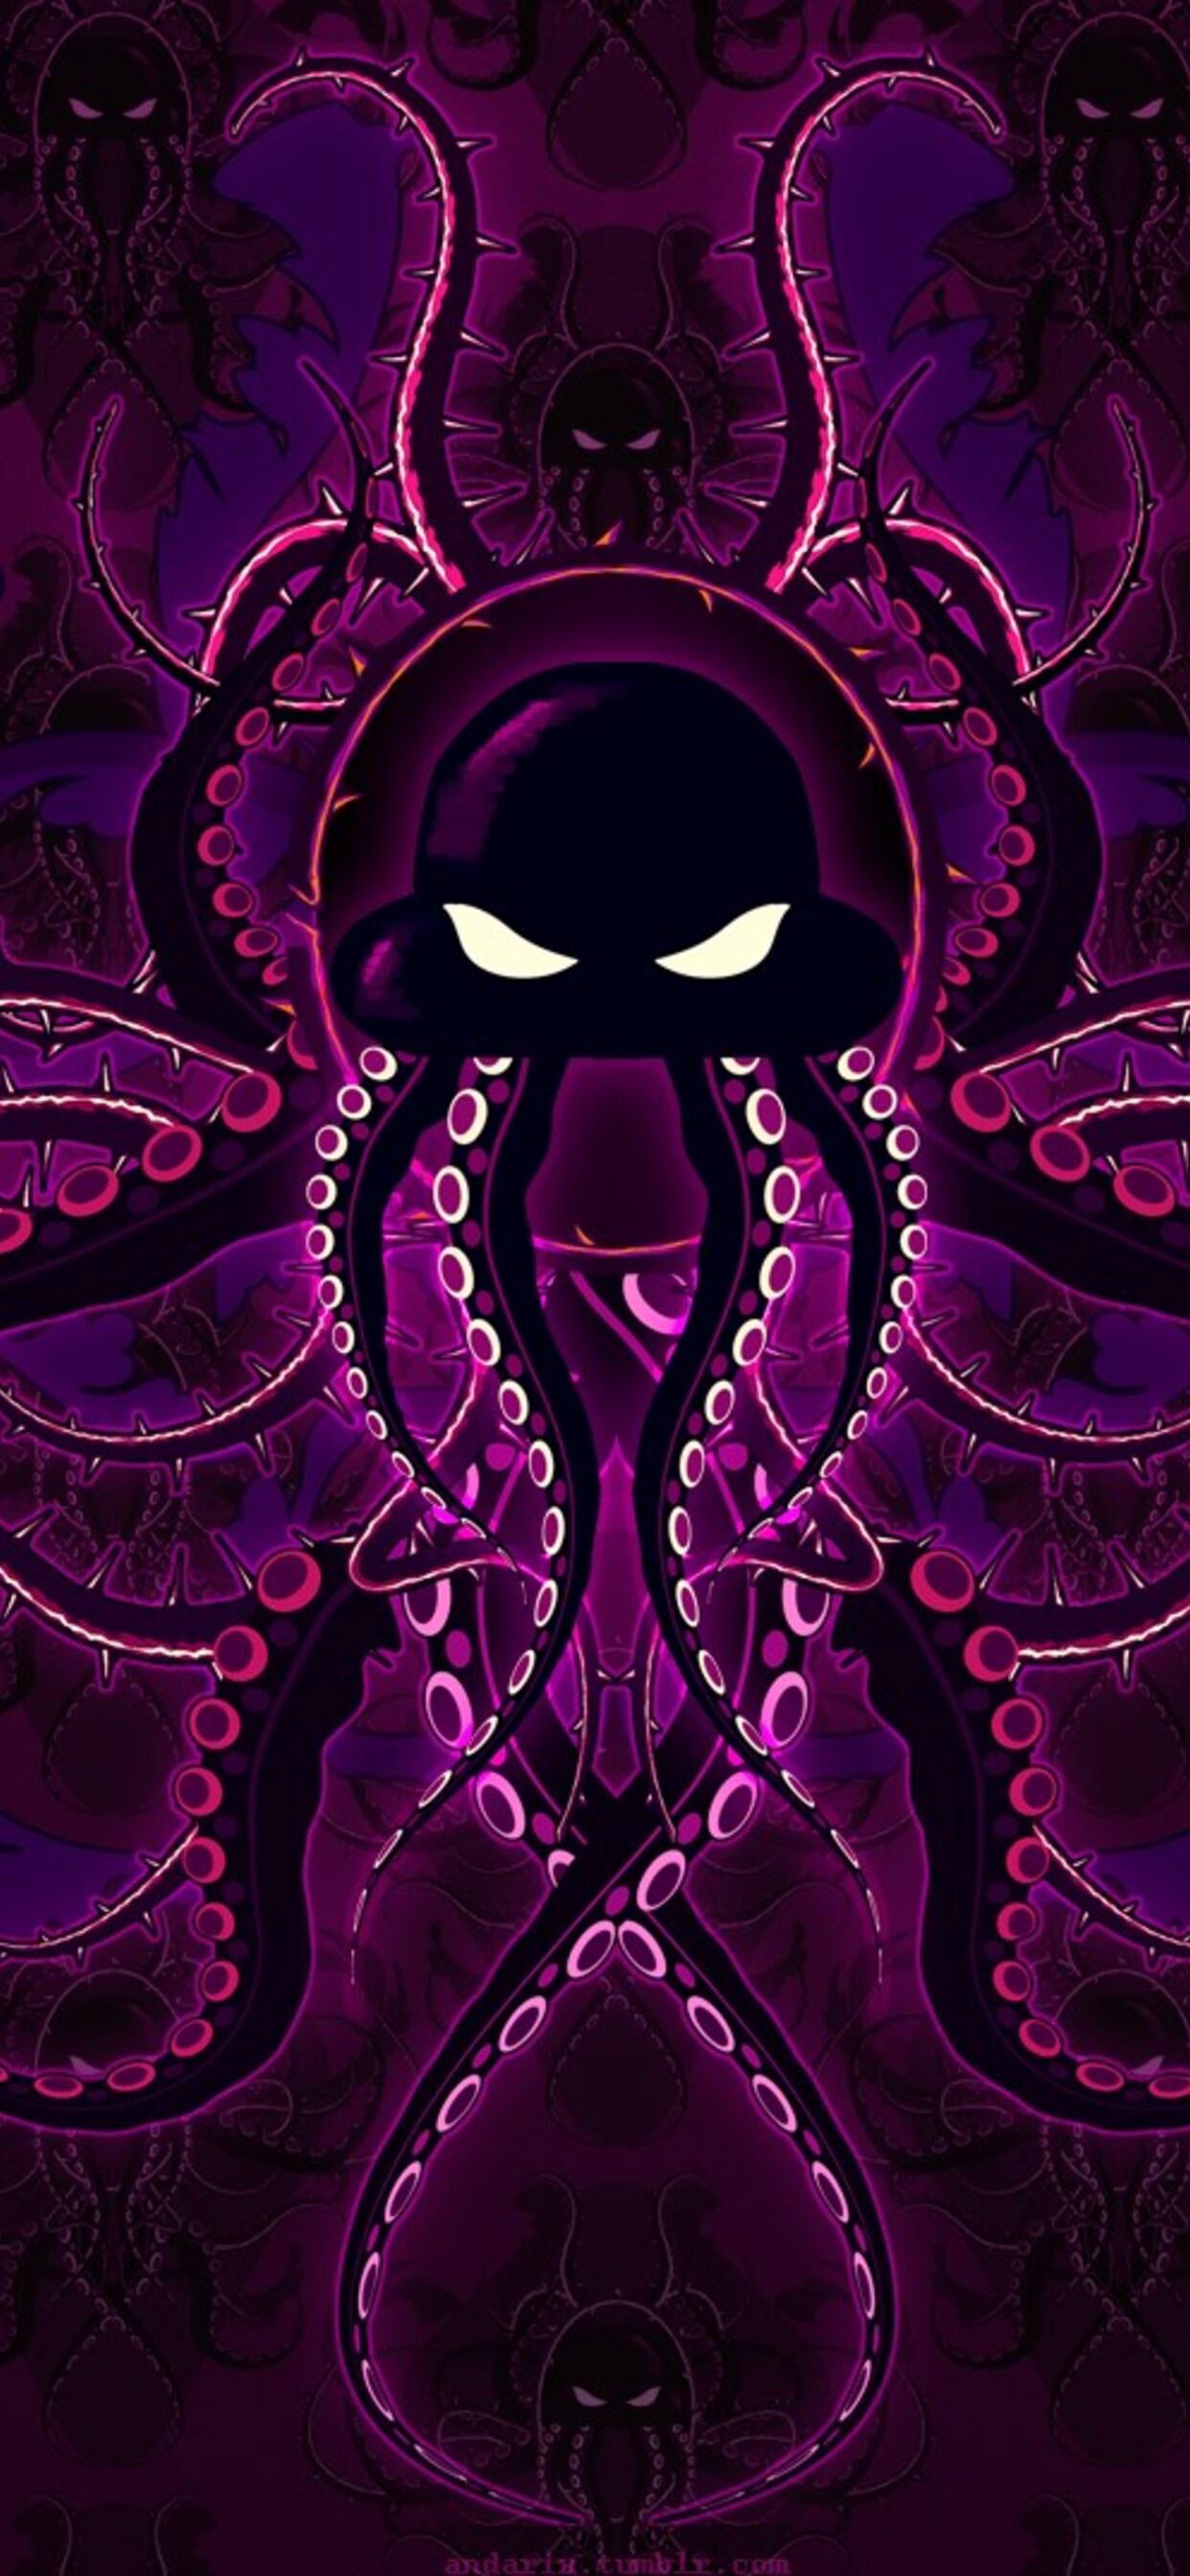 purple-octopus-art-4k.jpg